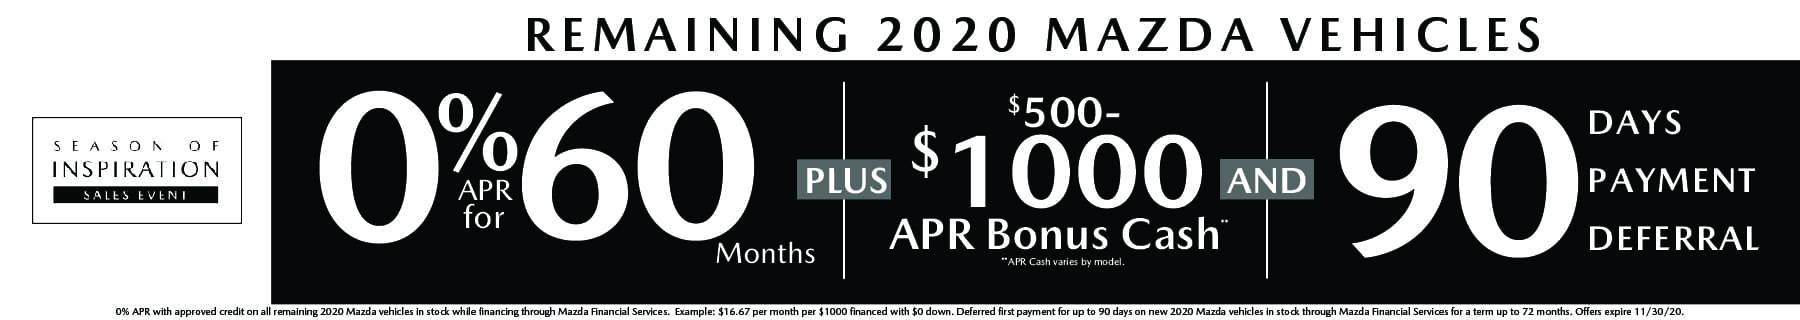 NapMaz-1800x320-1120-01